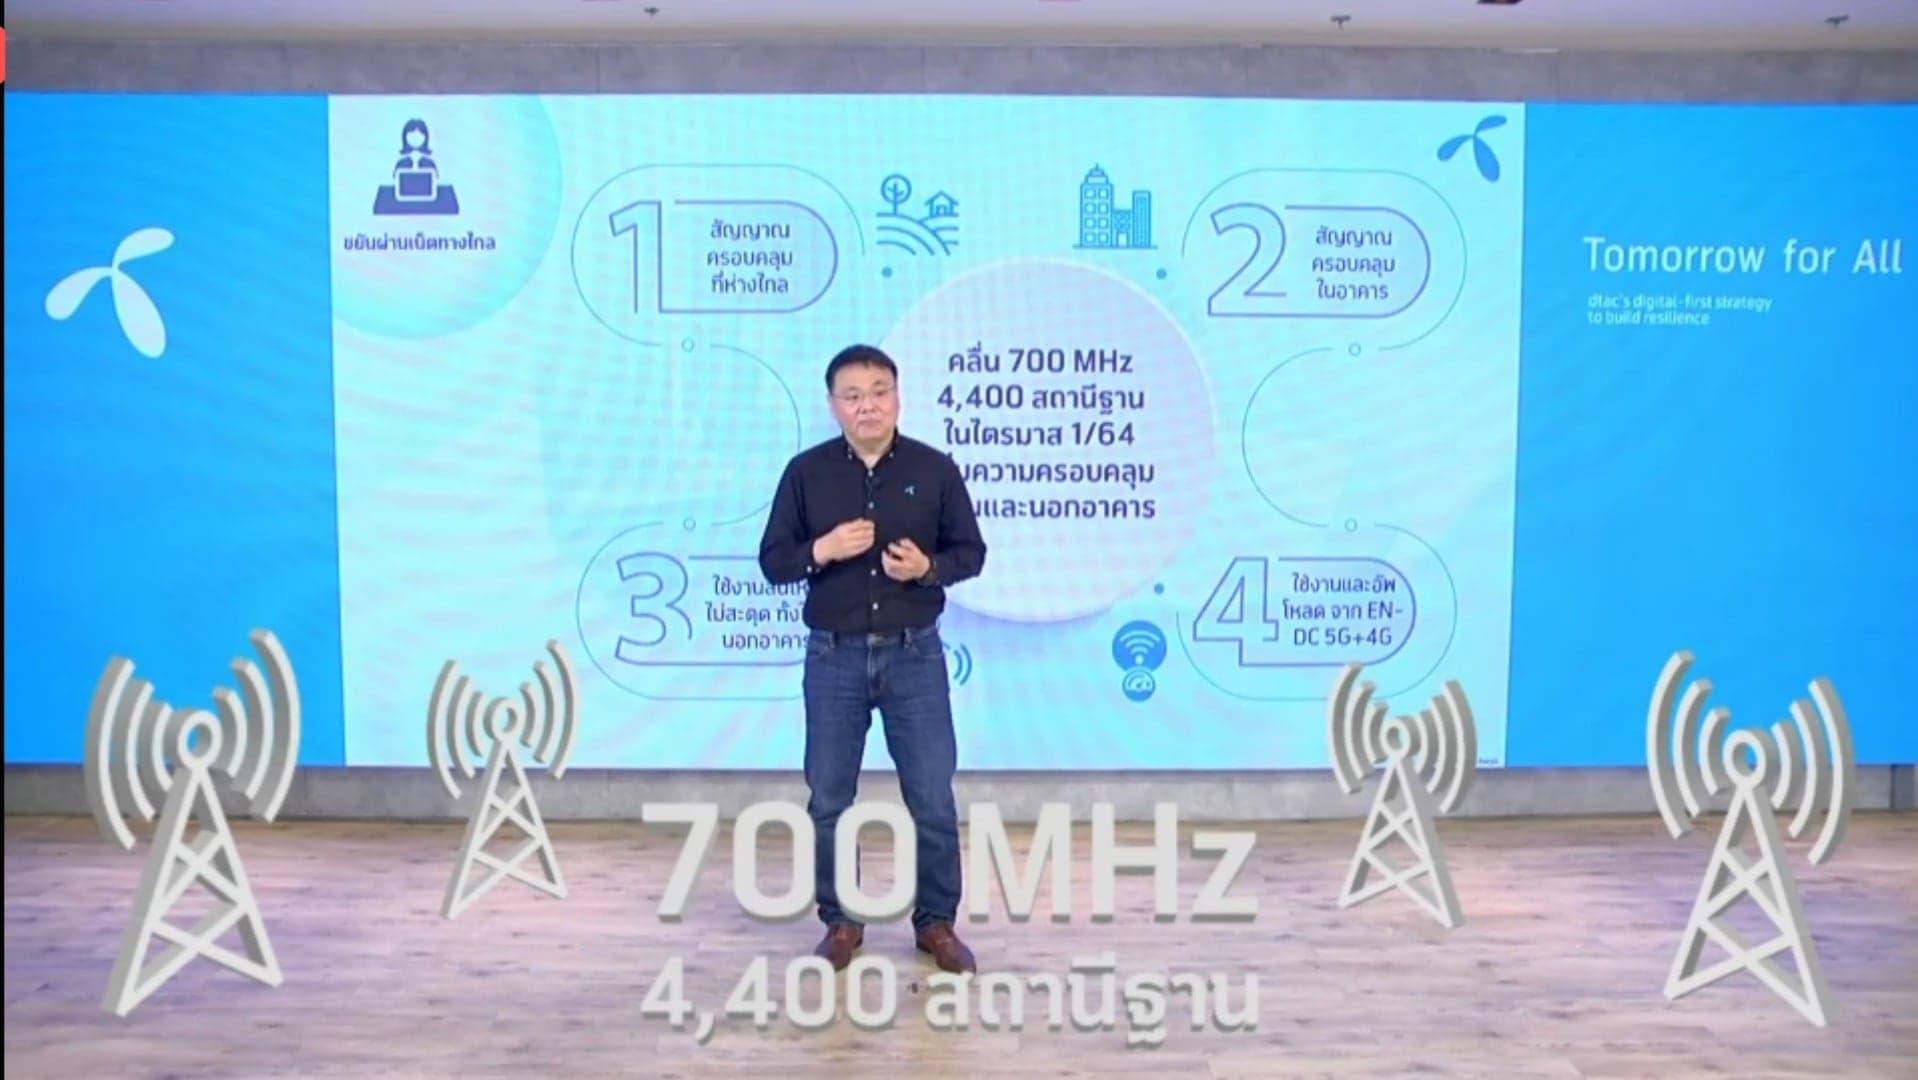 DTAC พร้อมเปิด 5G DSS ตั้งเป้าขยายคลื่น 700 MHz ถึง 4,400 สถานีฐาน และ 2300 MIMO กว่า 20,400 สถานีฐาน